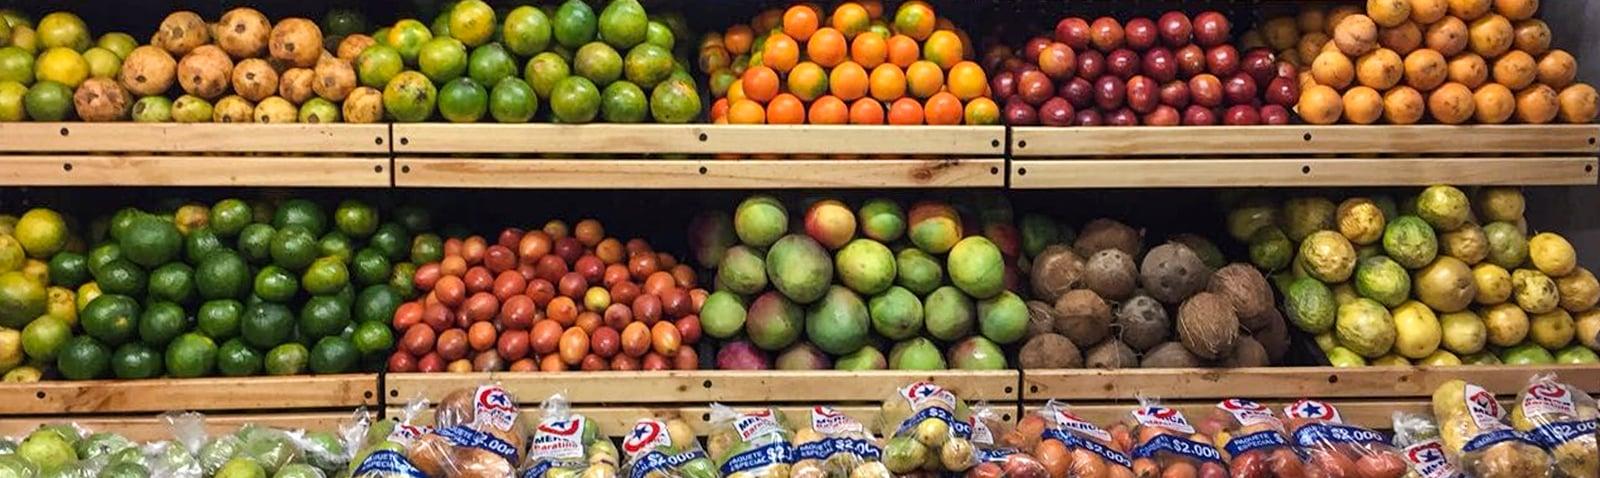 distribucion frutas y verduras